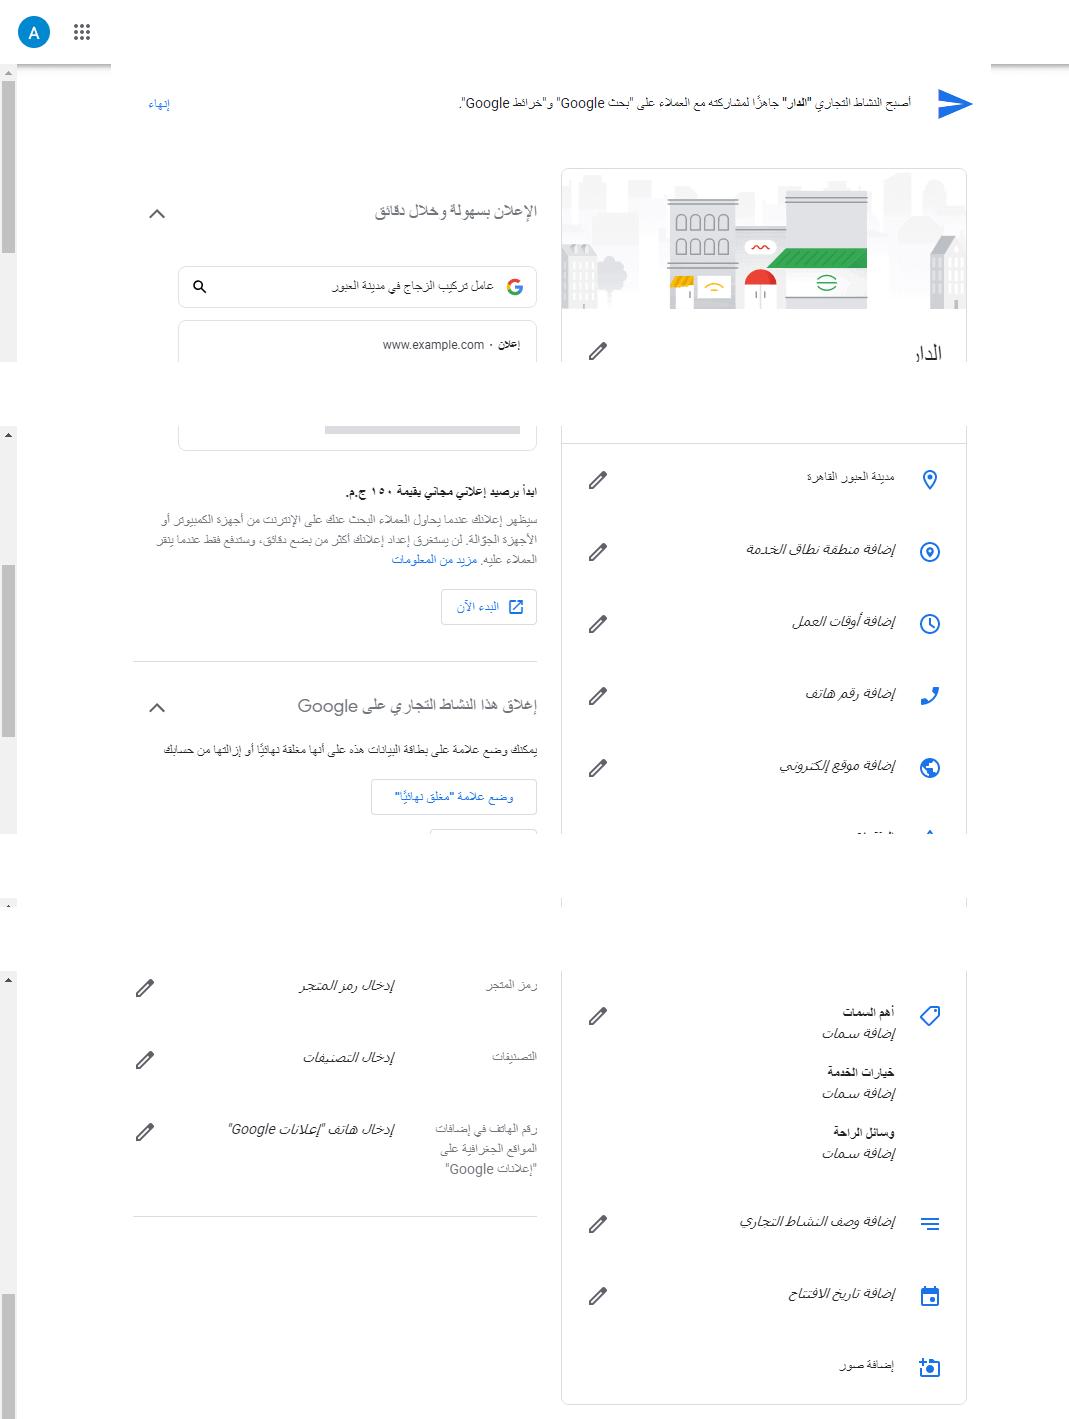 تحسين حساب نشاطك التجاري على جوجل